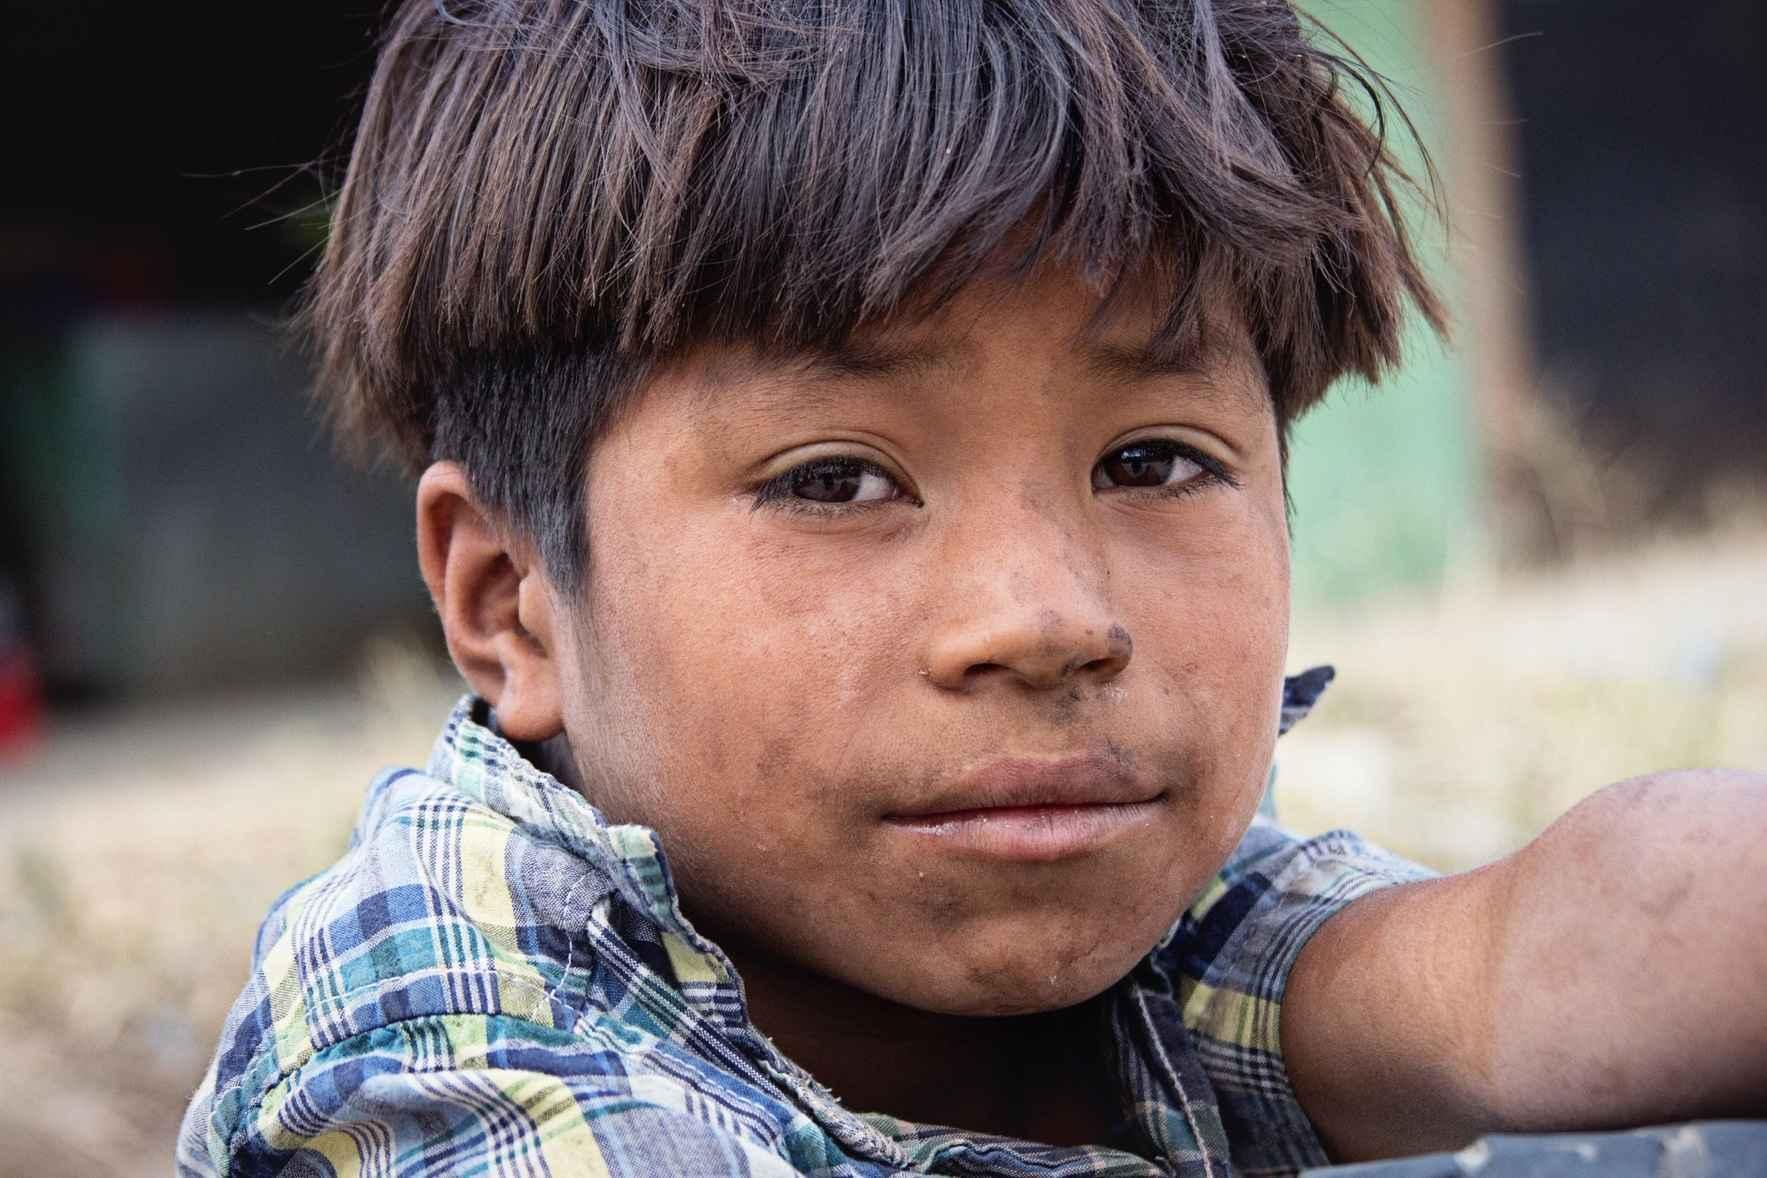 Education is key to eradicating poverty image